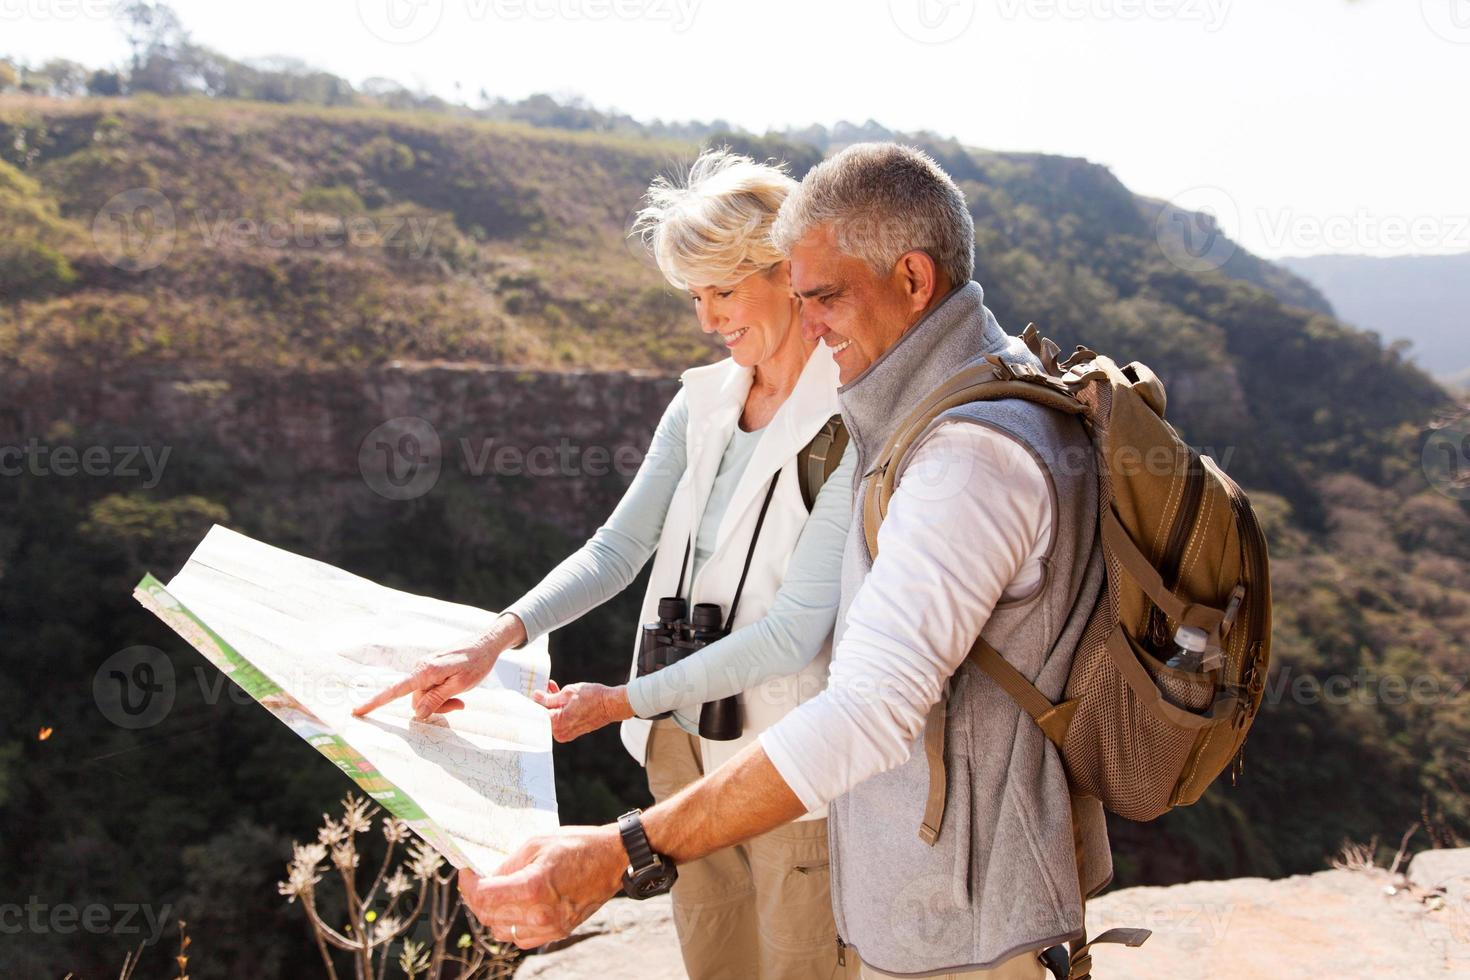 escursionisti di mezza età guardando una mappa foto